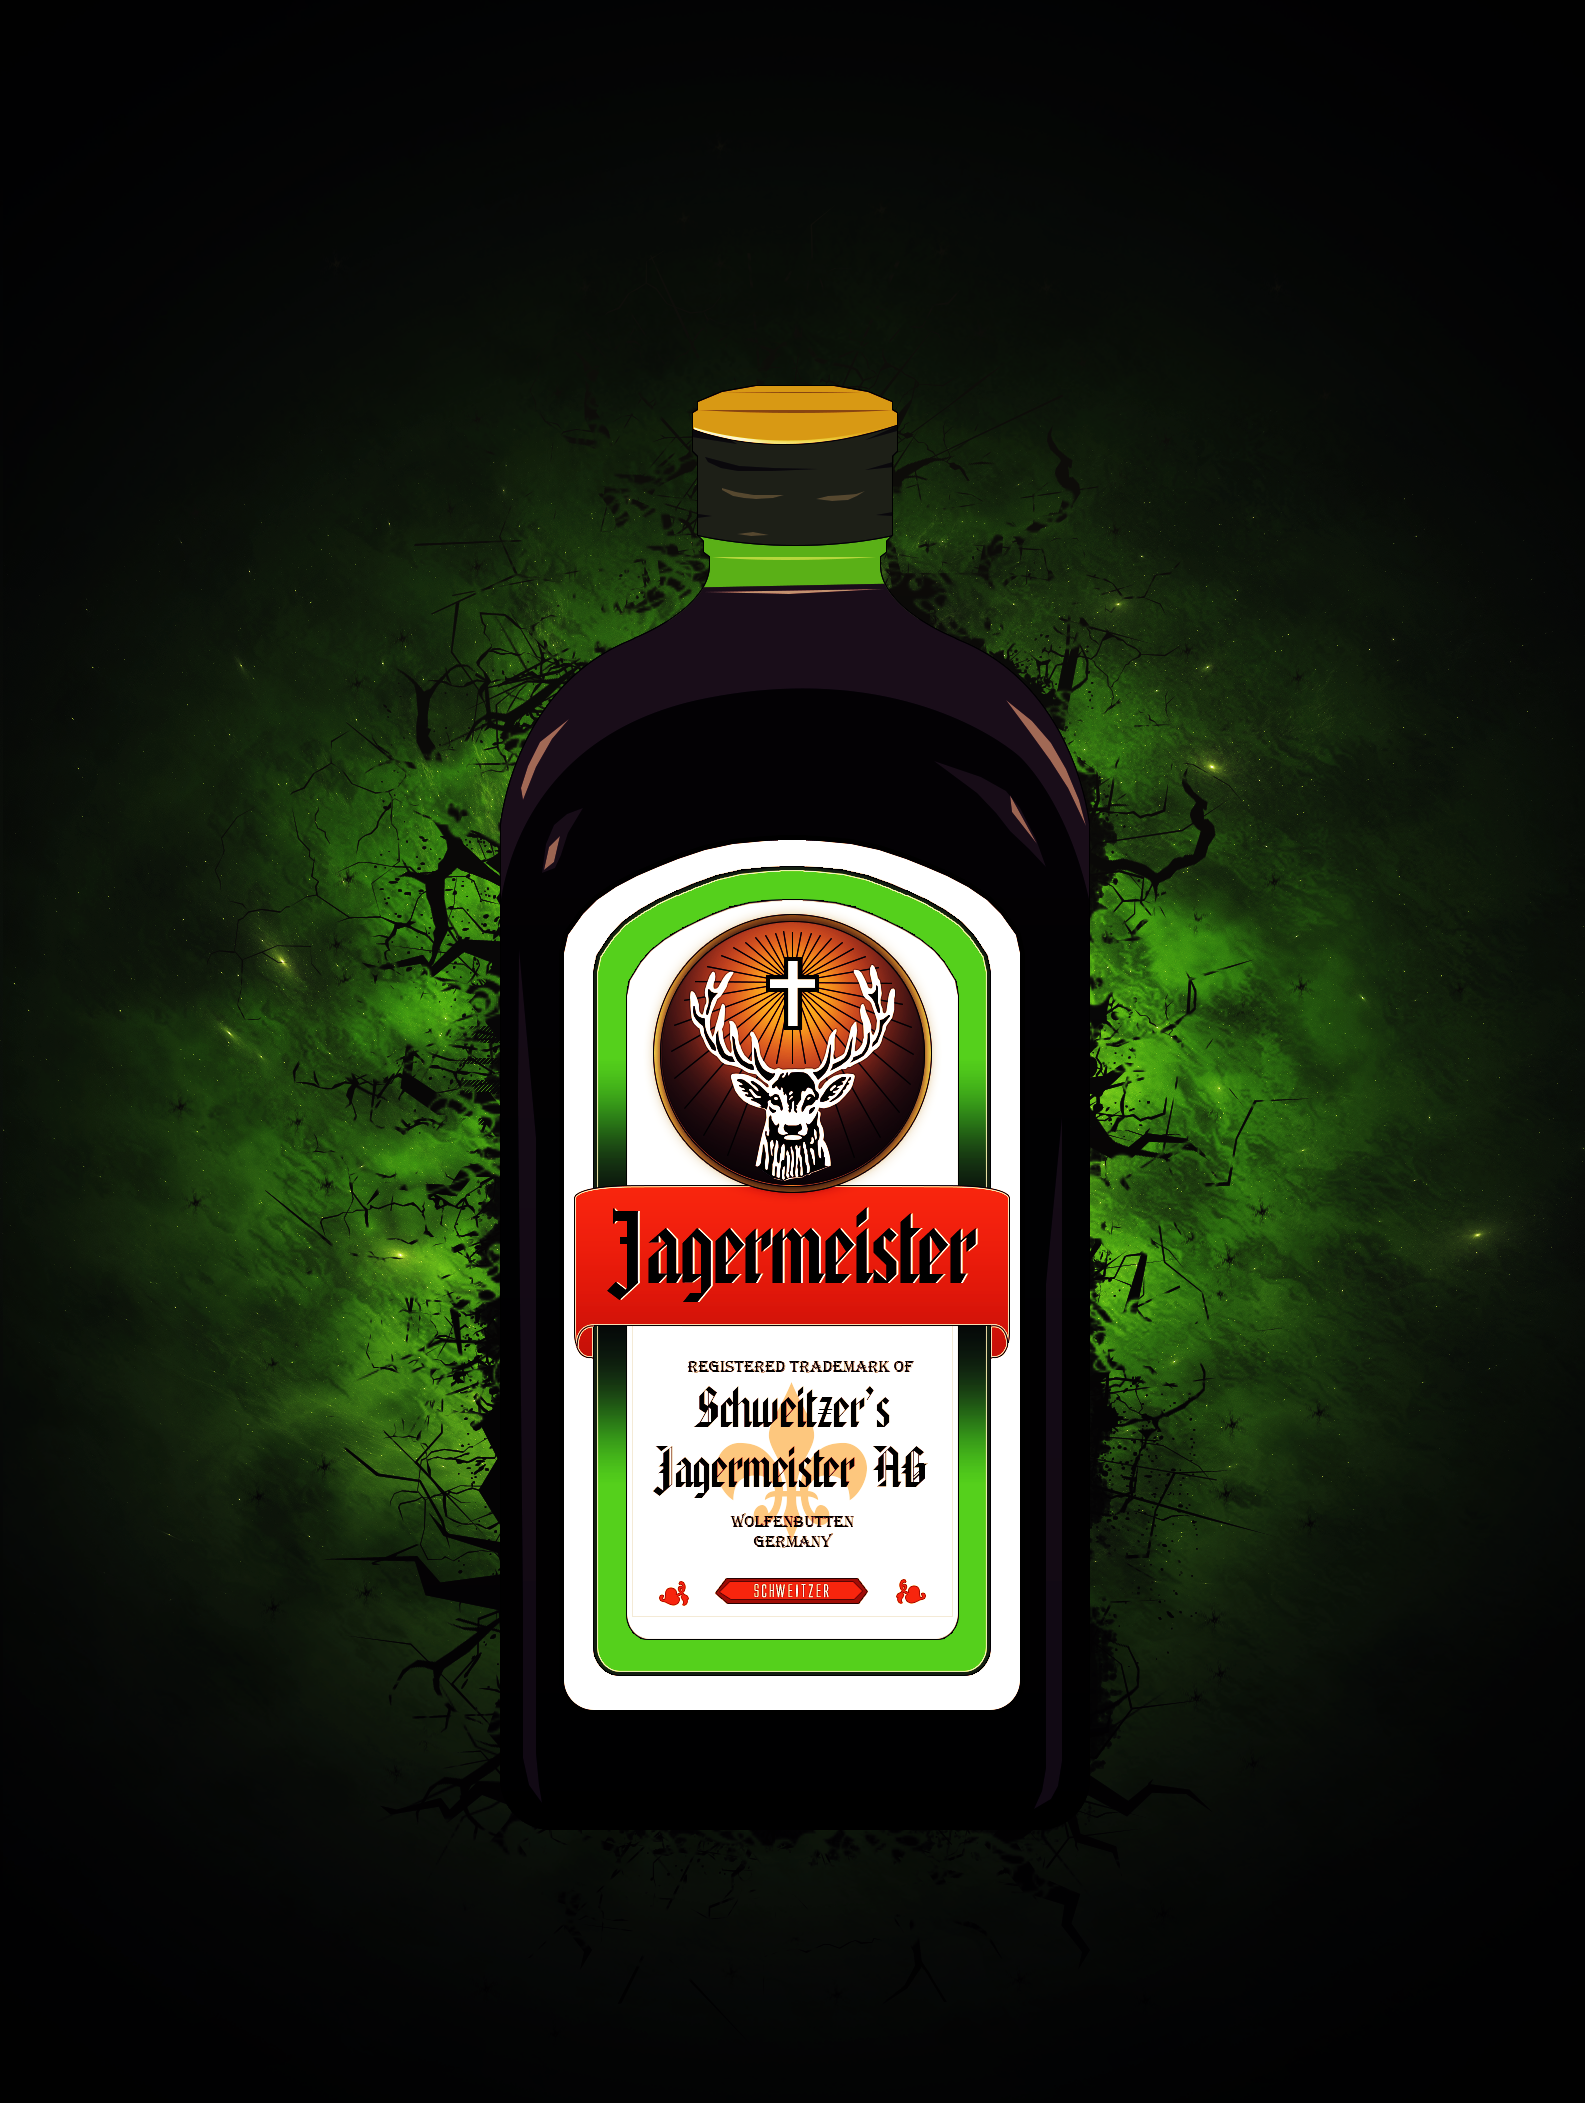 jagermeister_by_schweitzerfx-d64gpgu